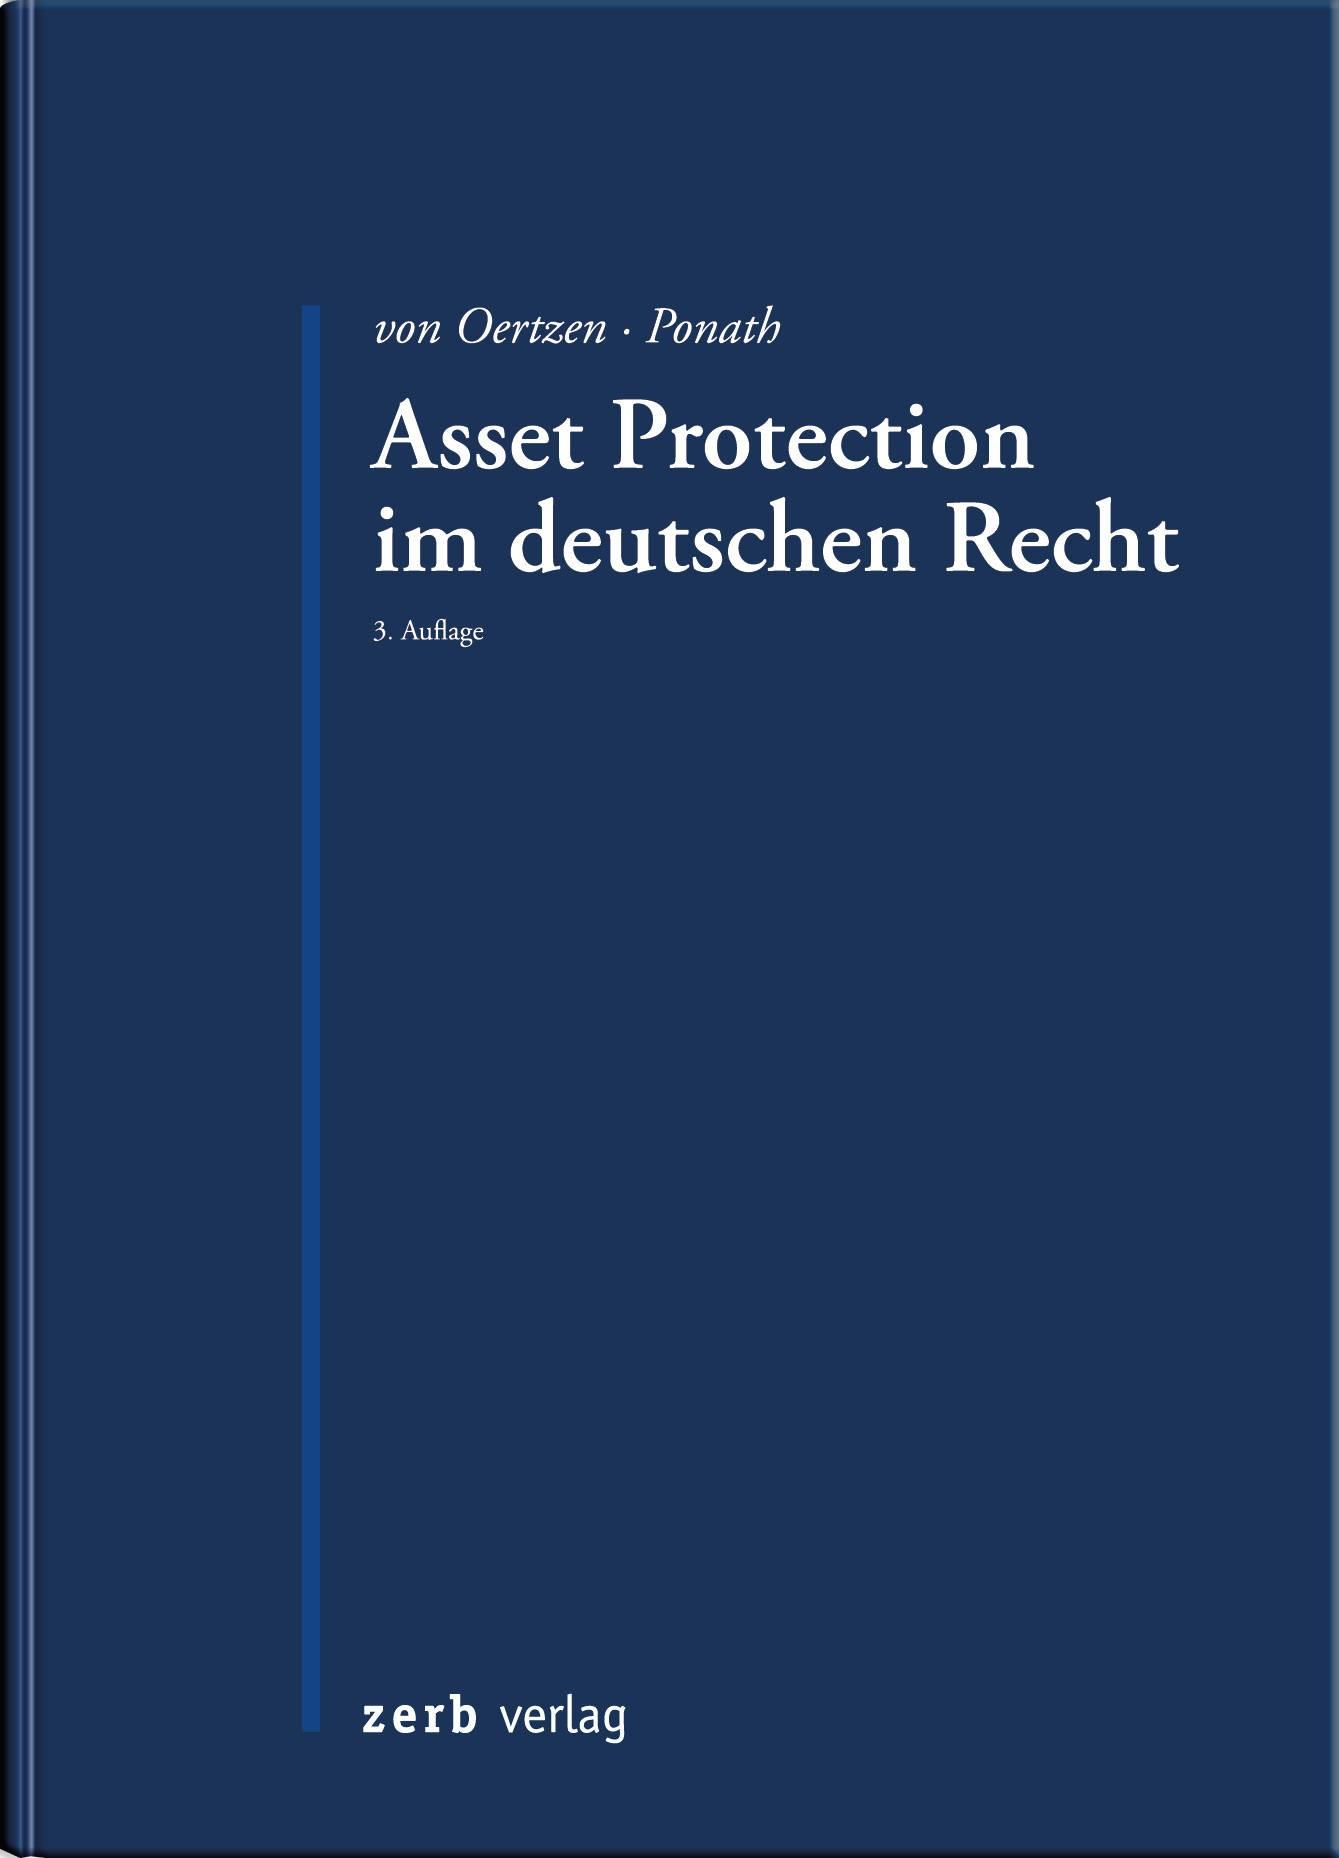 Asset Protection im deutschen Recht | von Oertzen / Ponath | 3. Auflage, 2018 | Buch (Cover)